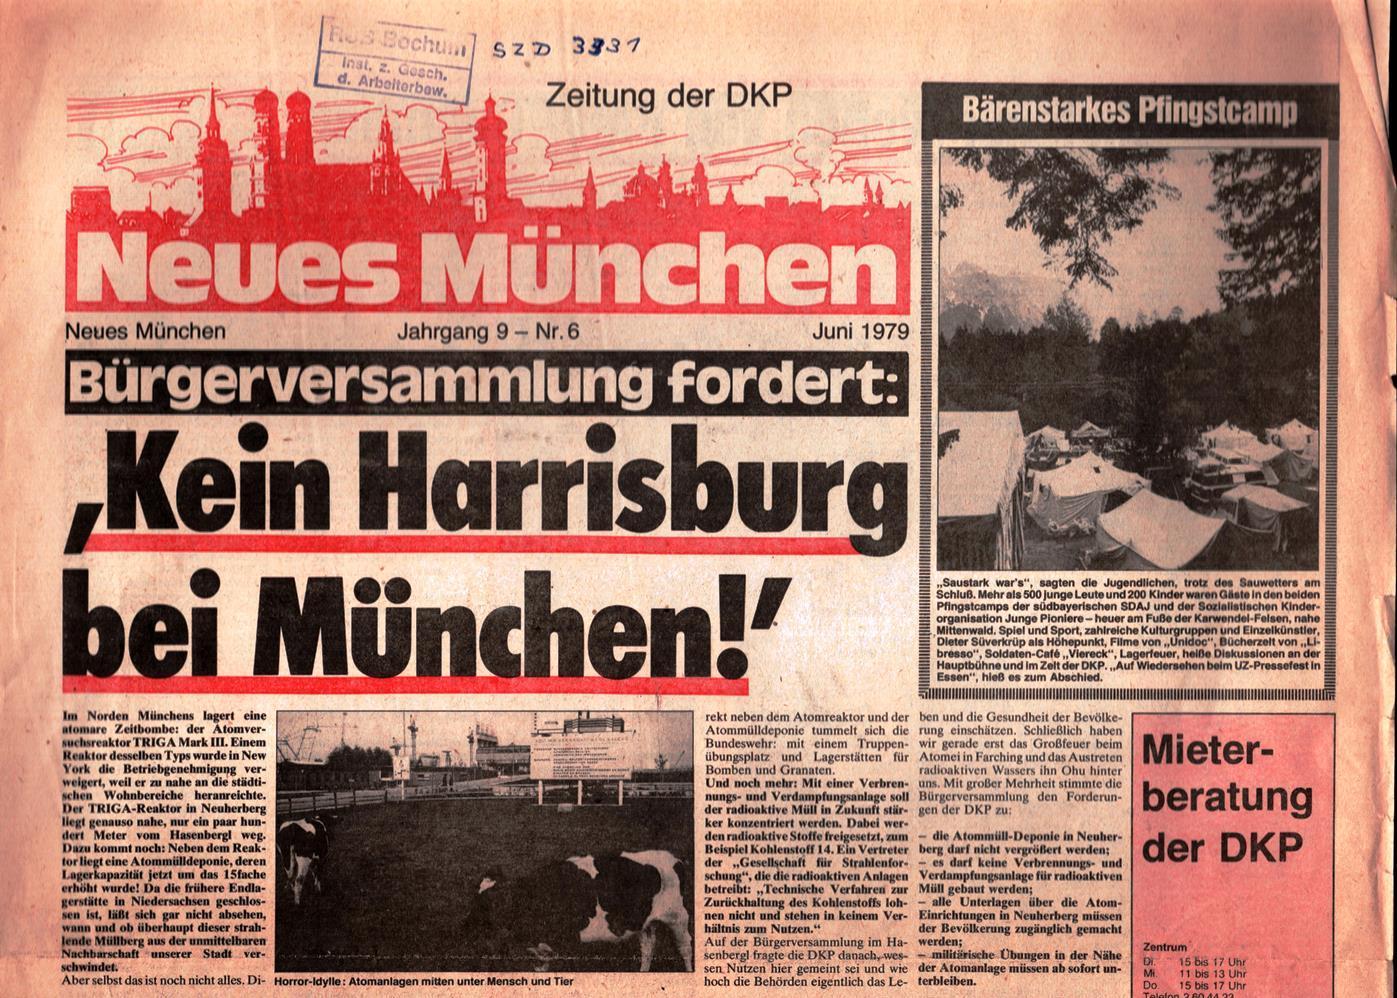 Muenchen_DKP_Neues_Muenchen_19790600_006_001